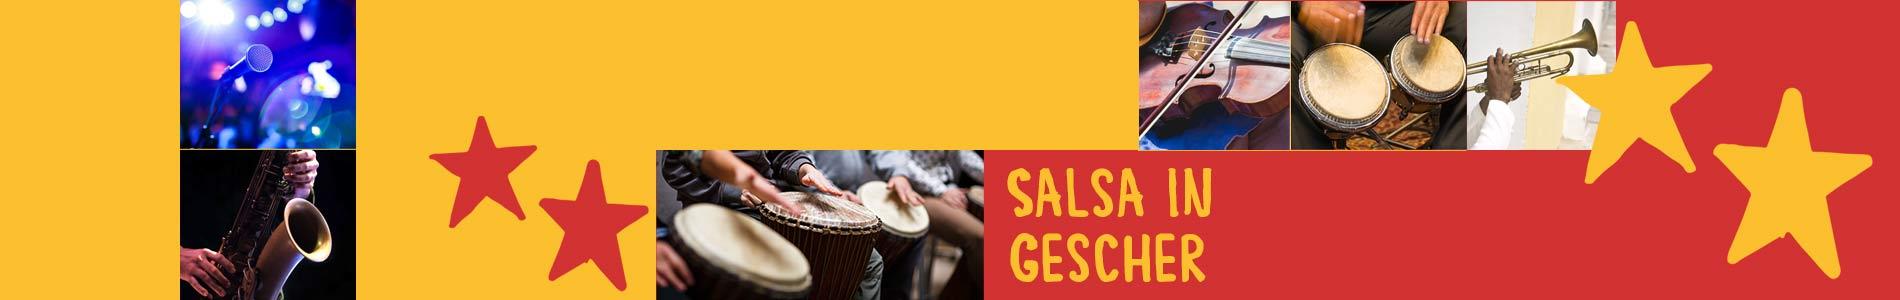 Salsa in Gescher – Salsa lernen und tanzen, Tanzkurse, Partys, Veranstaltungen